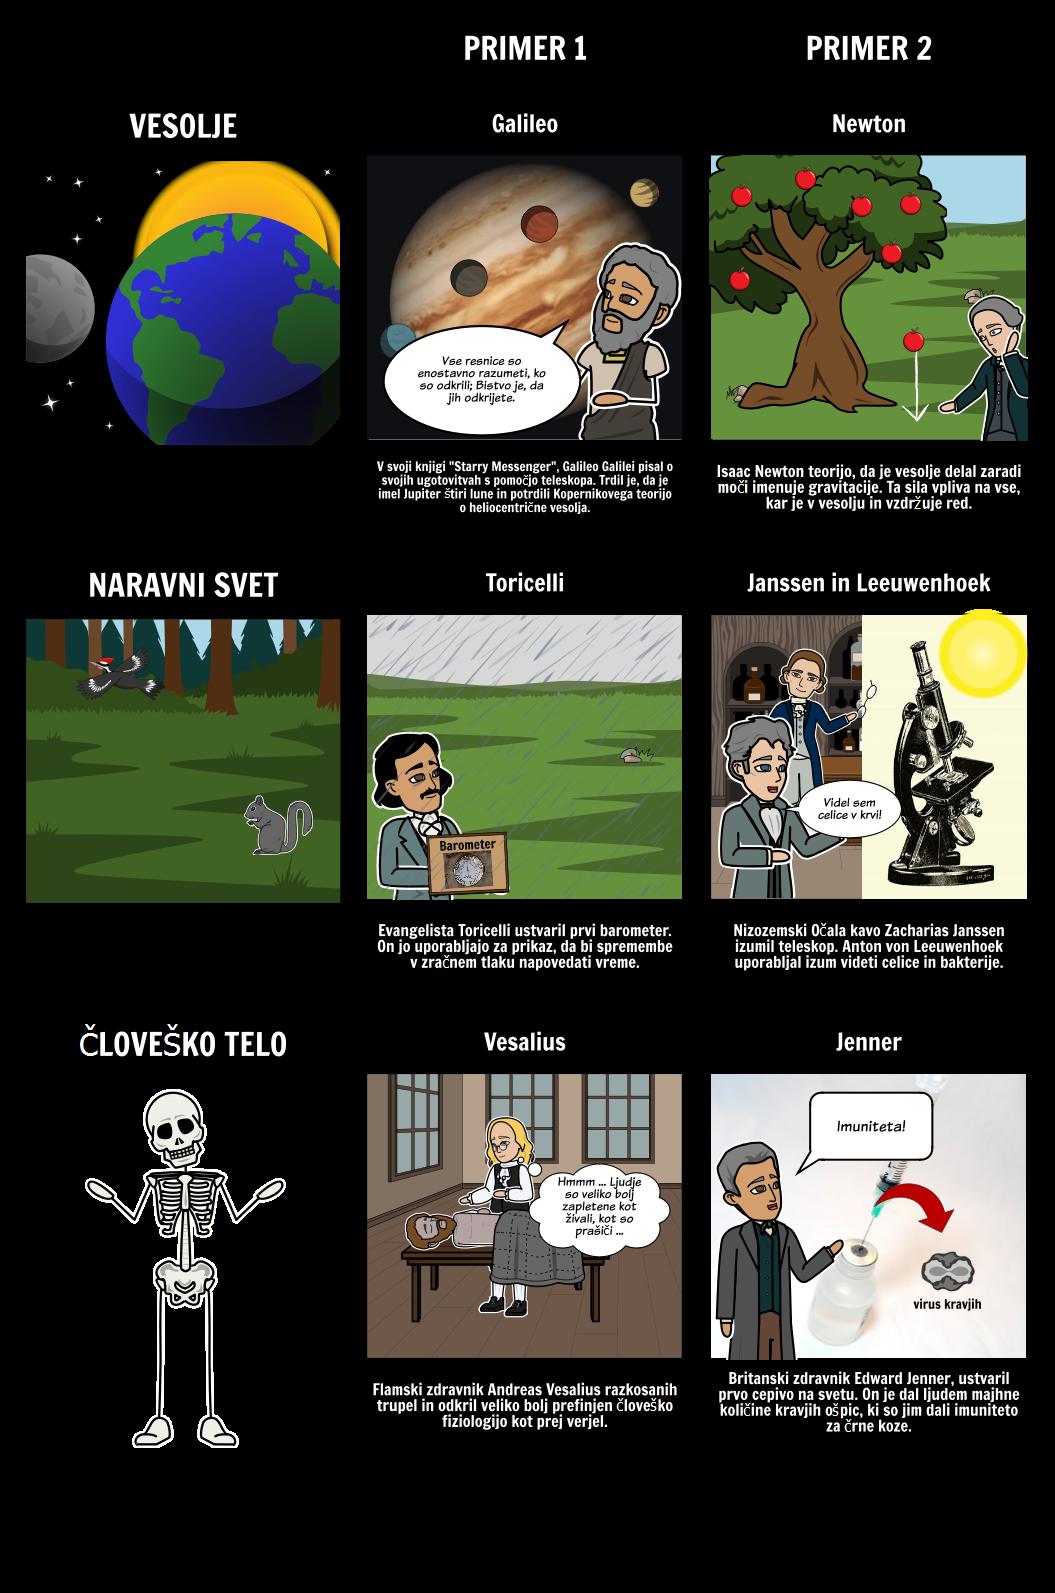 Sprememba Pogledov - Znanstvena Revolucija